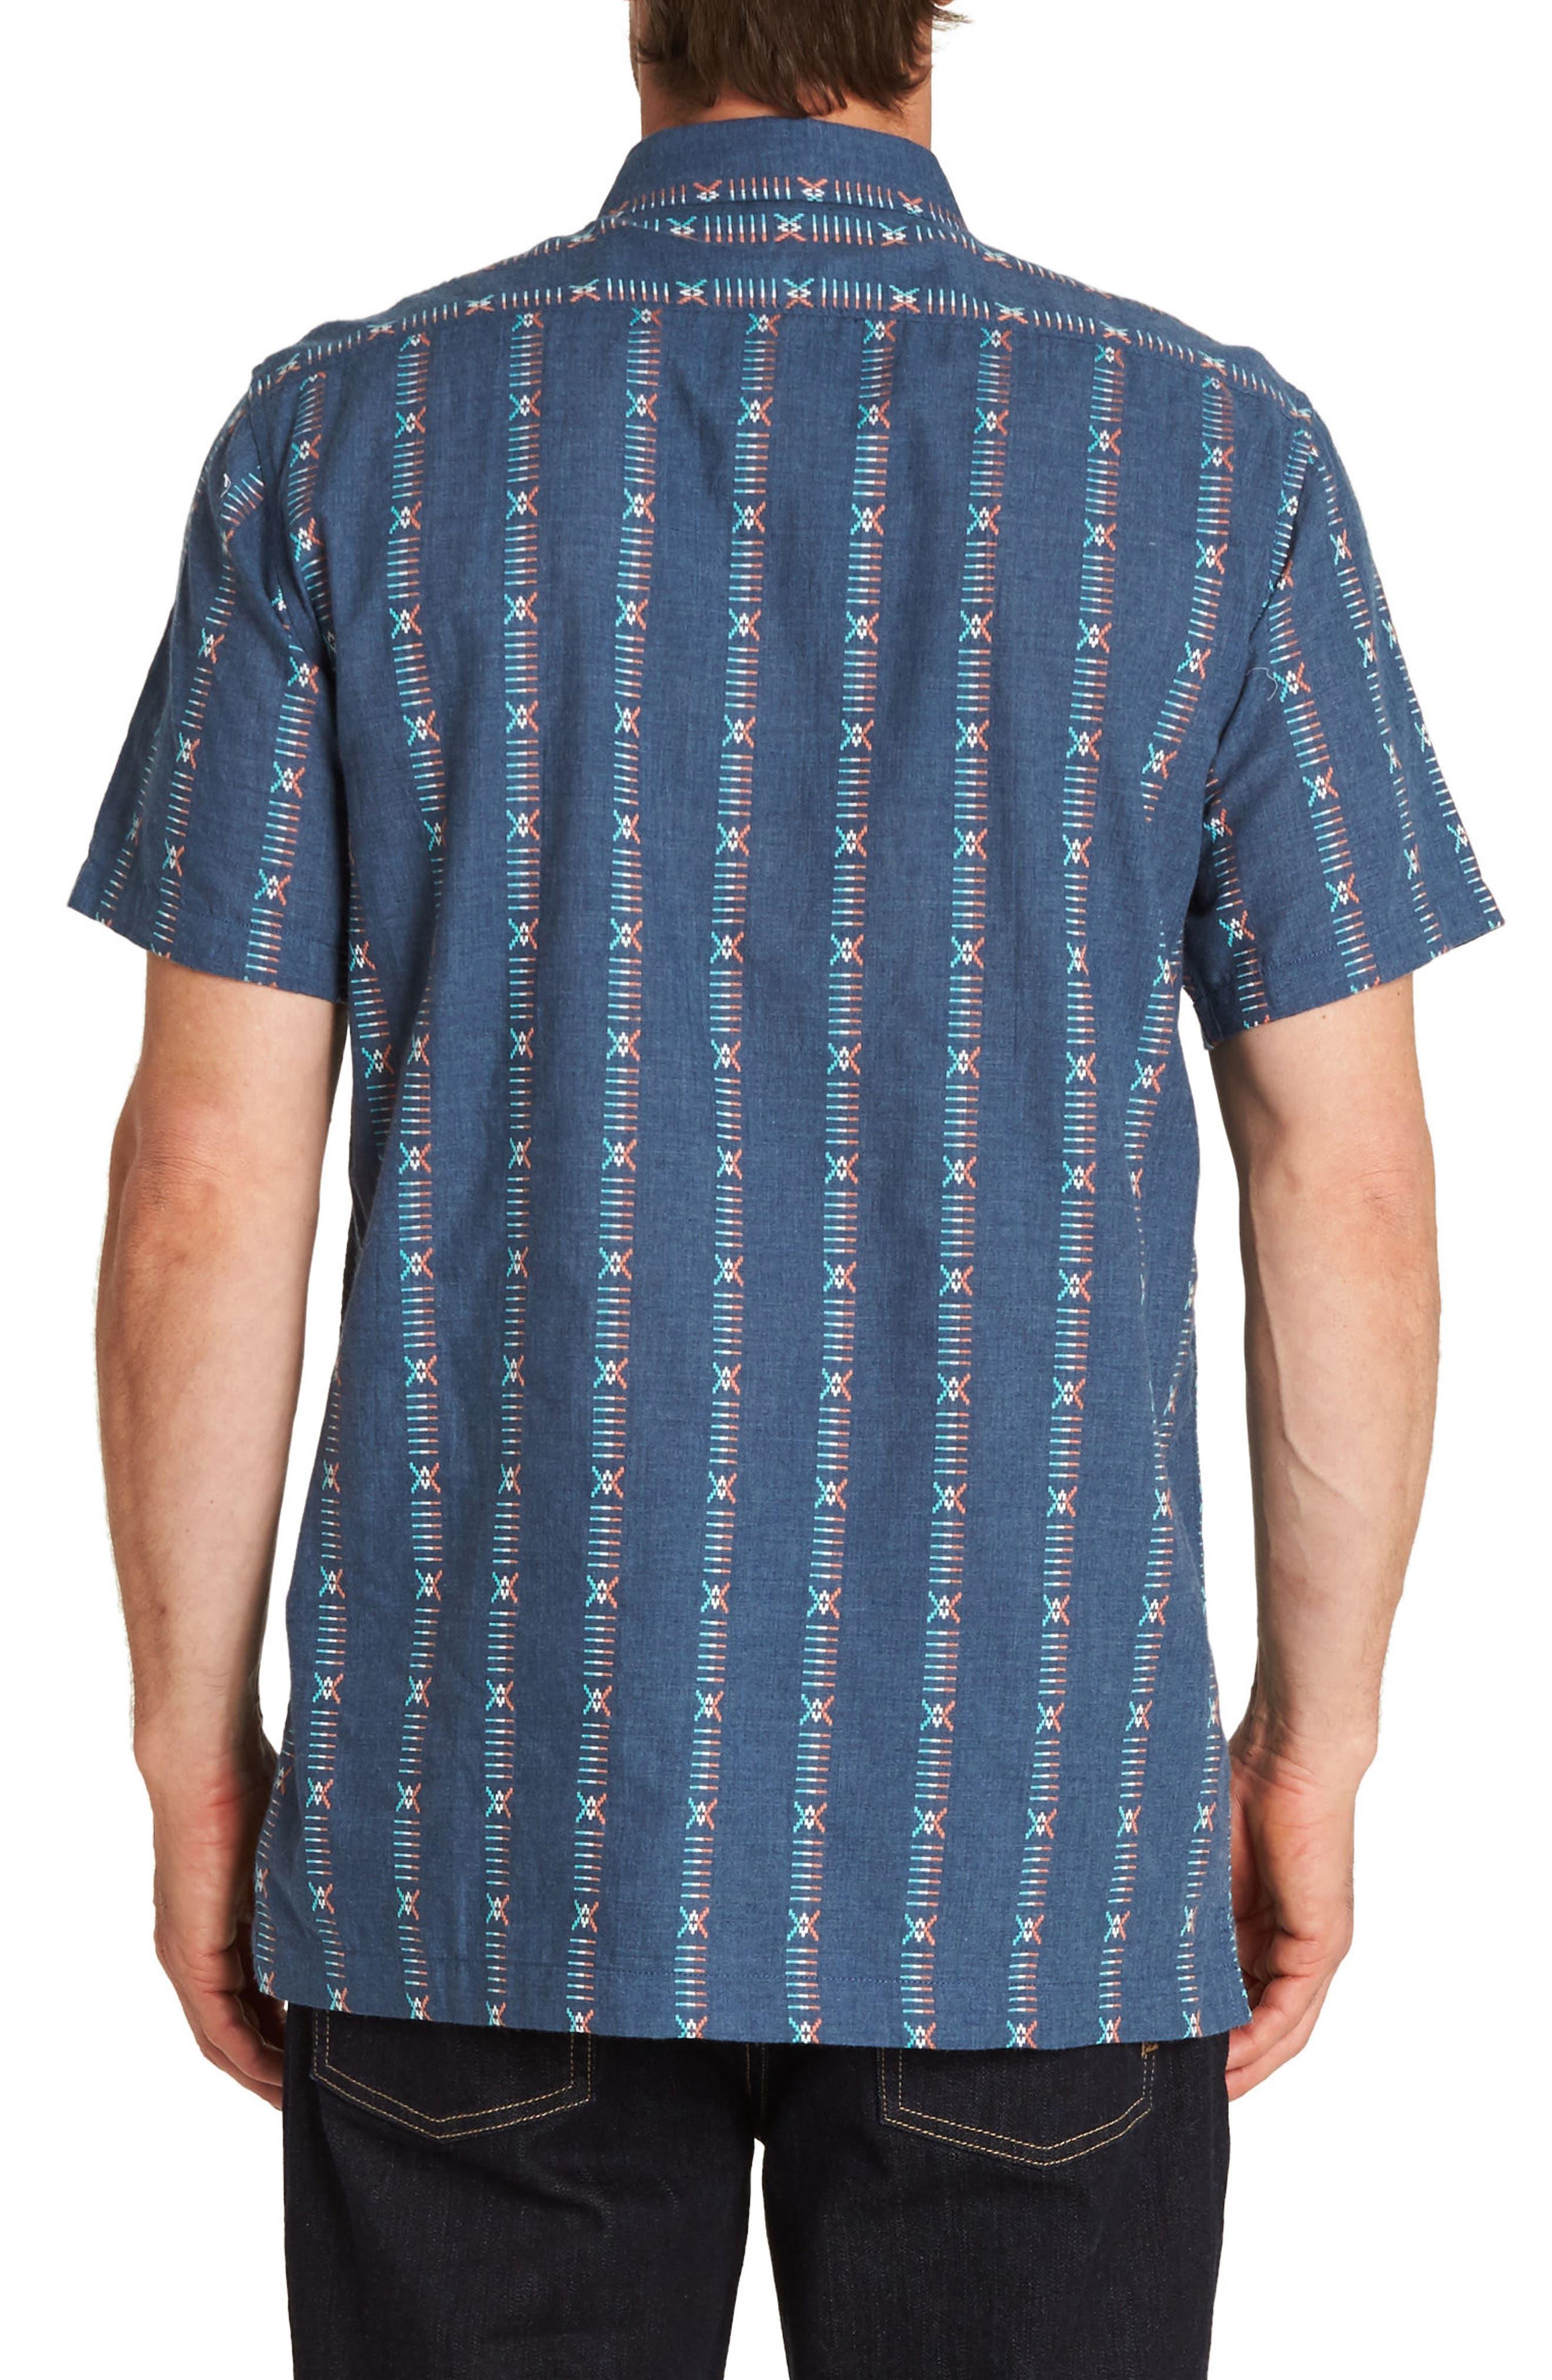 Sundays Jacquard Woven Shirt,                             Alternate thumbnail 2, color,                             DENIM BLUE